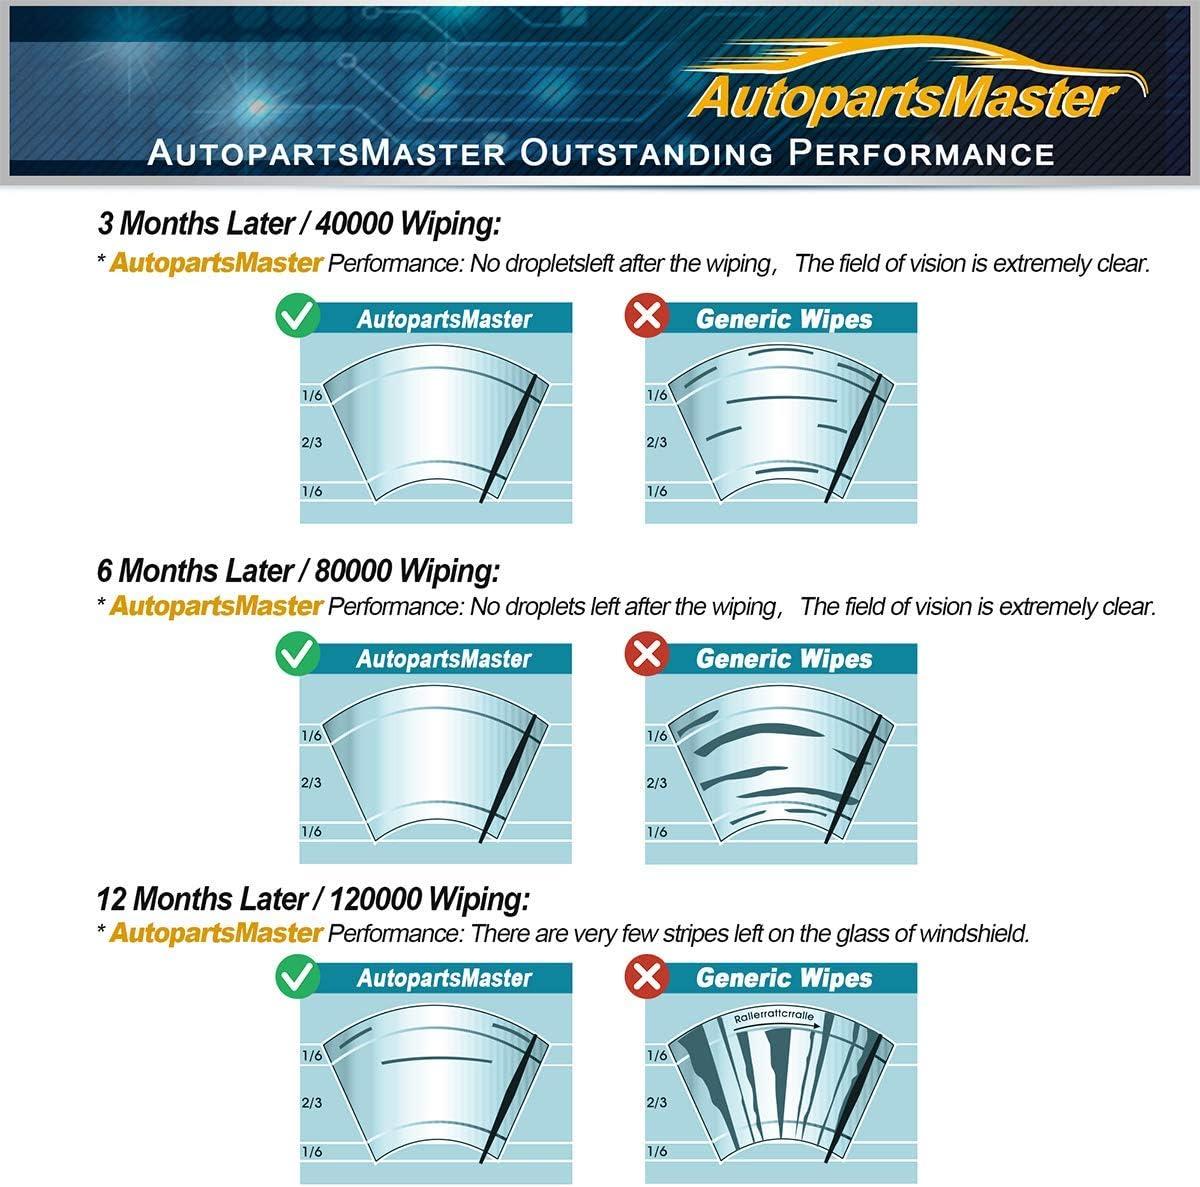 Windshield wiper blades Hybrid Front Window U J hook wiper 26 19 fit Wiper Car Windshield wiper blades NO.19E01-1 by AutopartsMaster set of 2